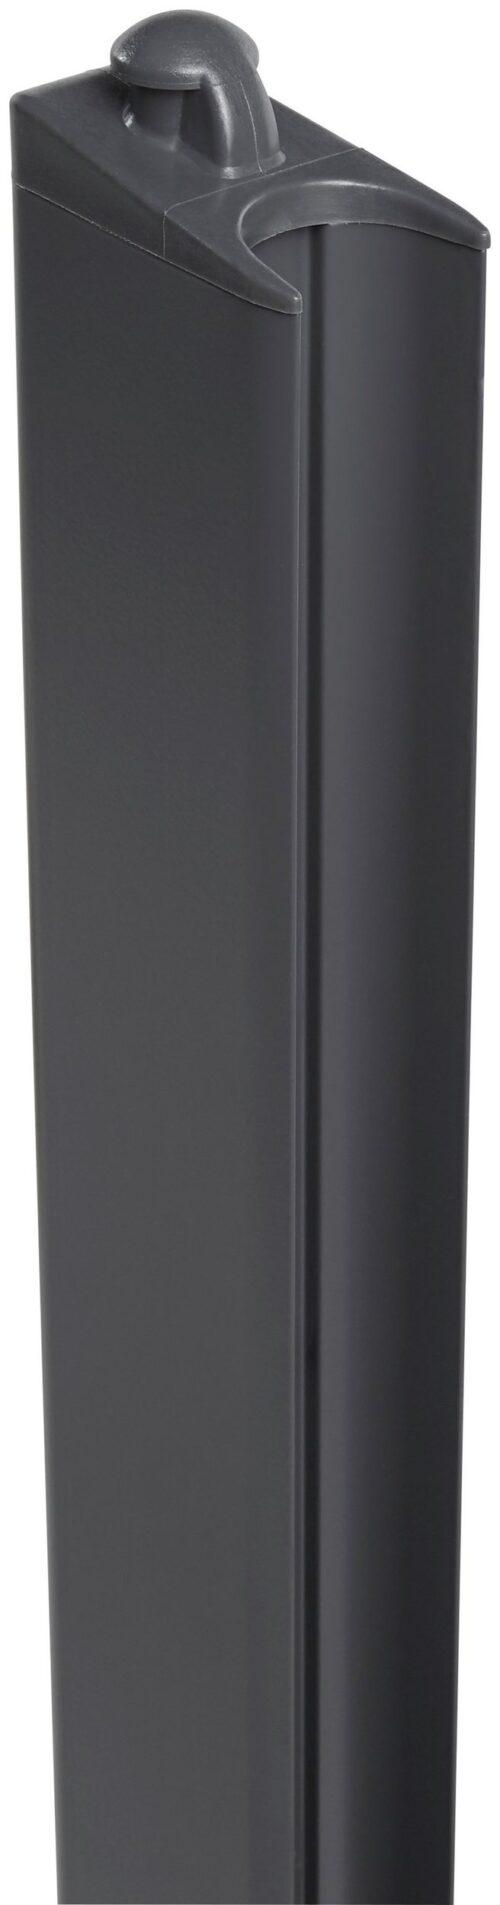 KONIFERA Seitenarmmarkise LxH:300x160cm B17488406 UVP 79,99€   17488406 5